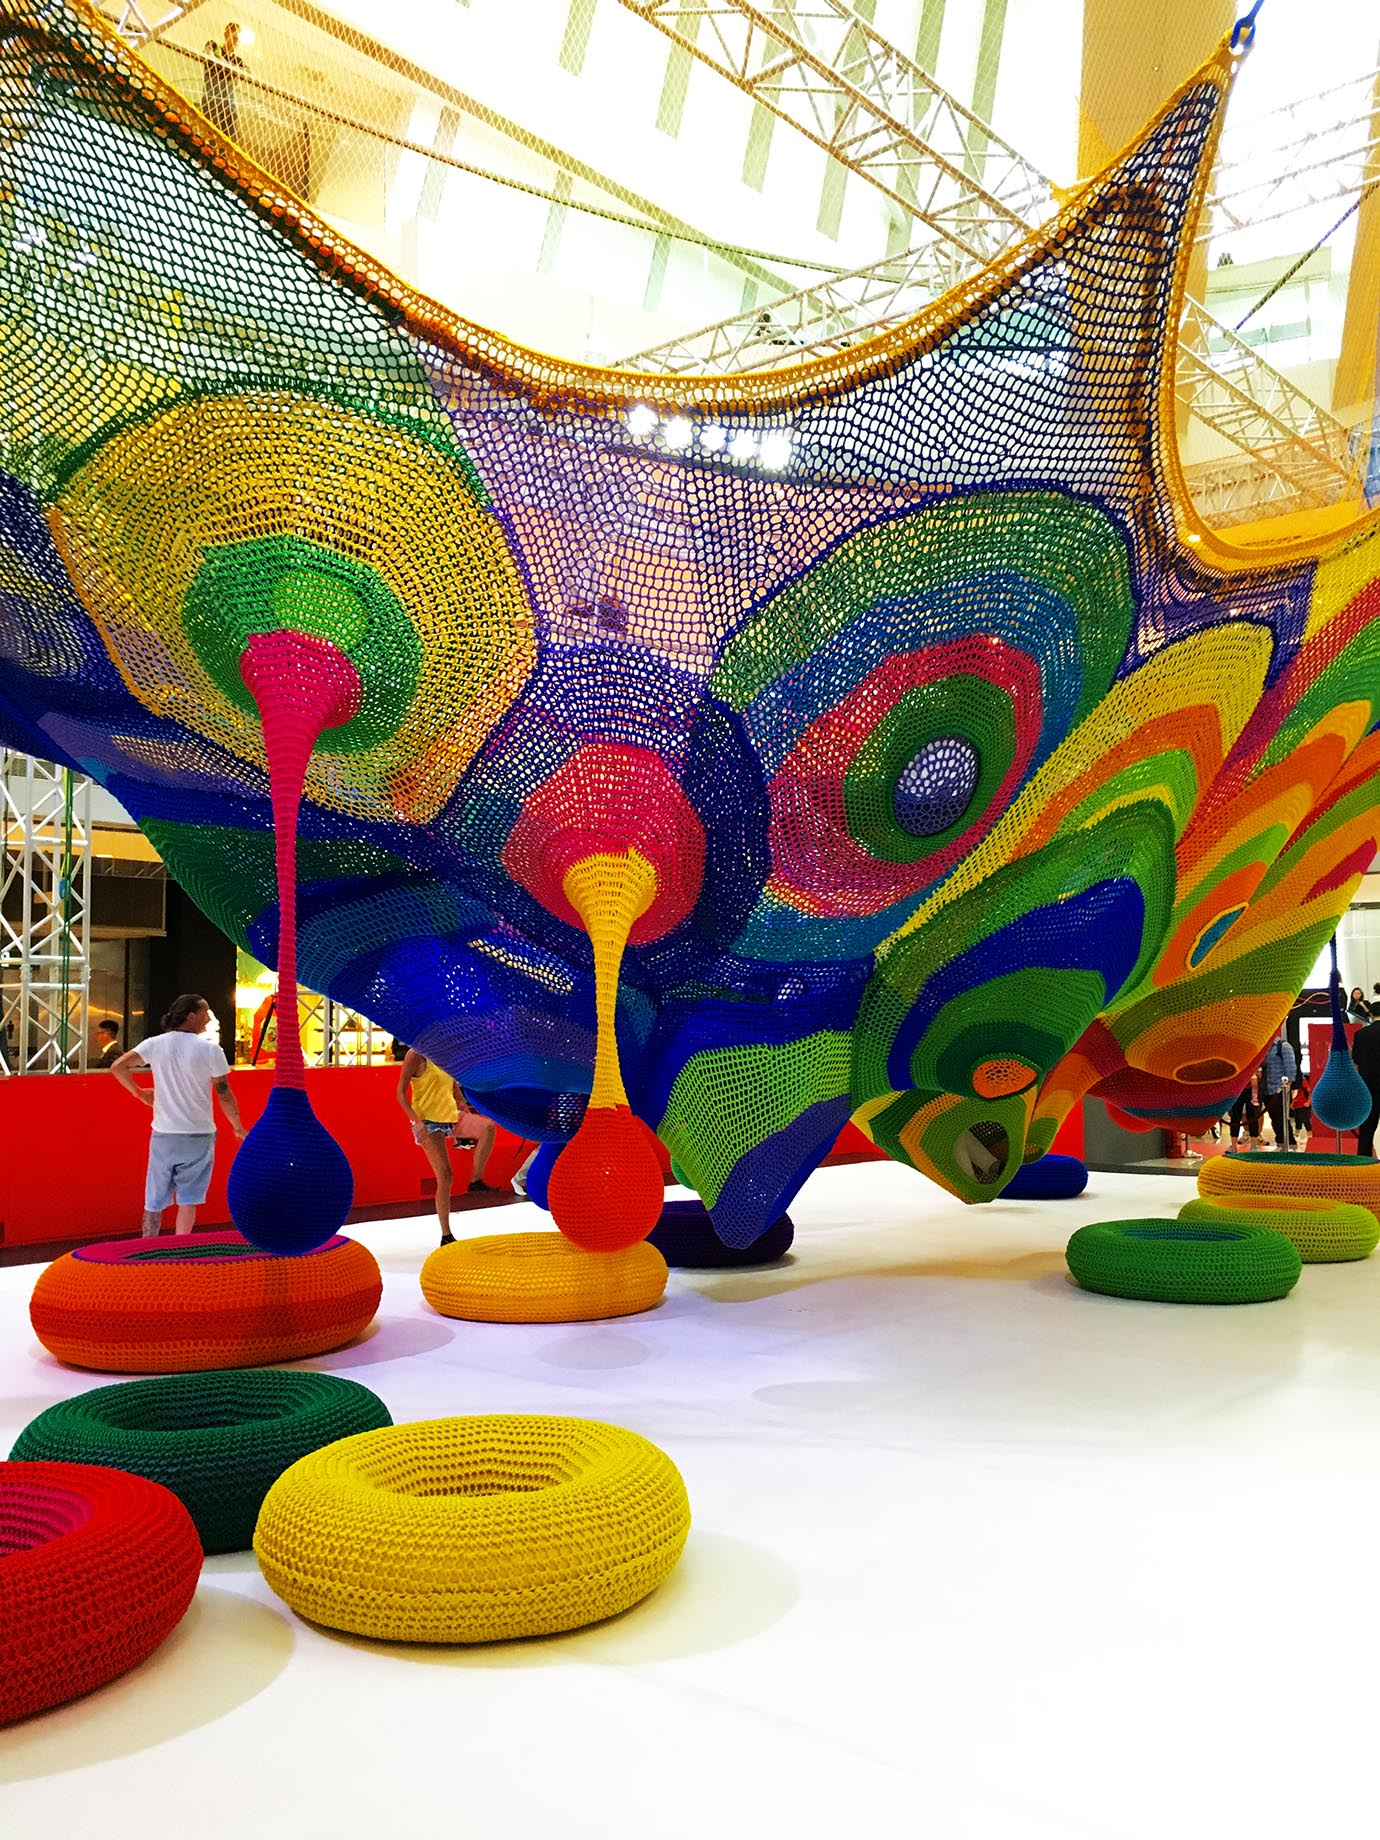 hongkong-colorful12